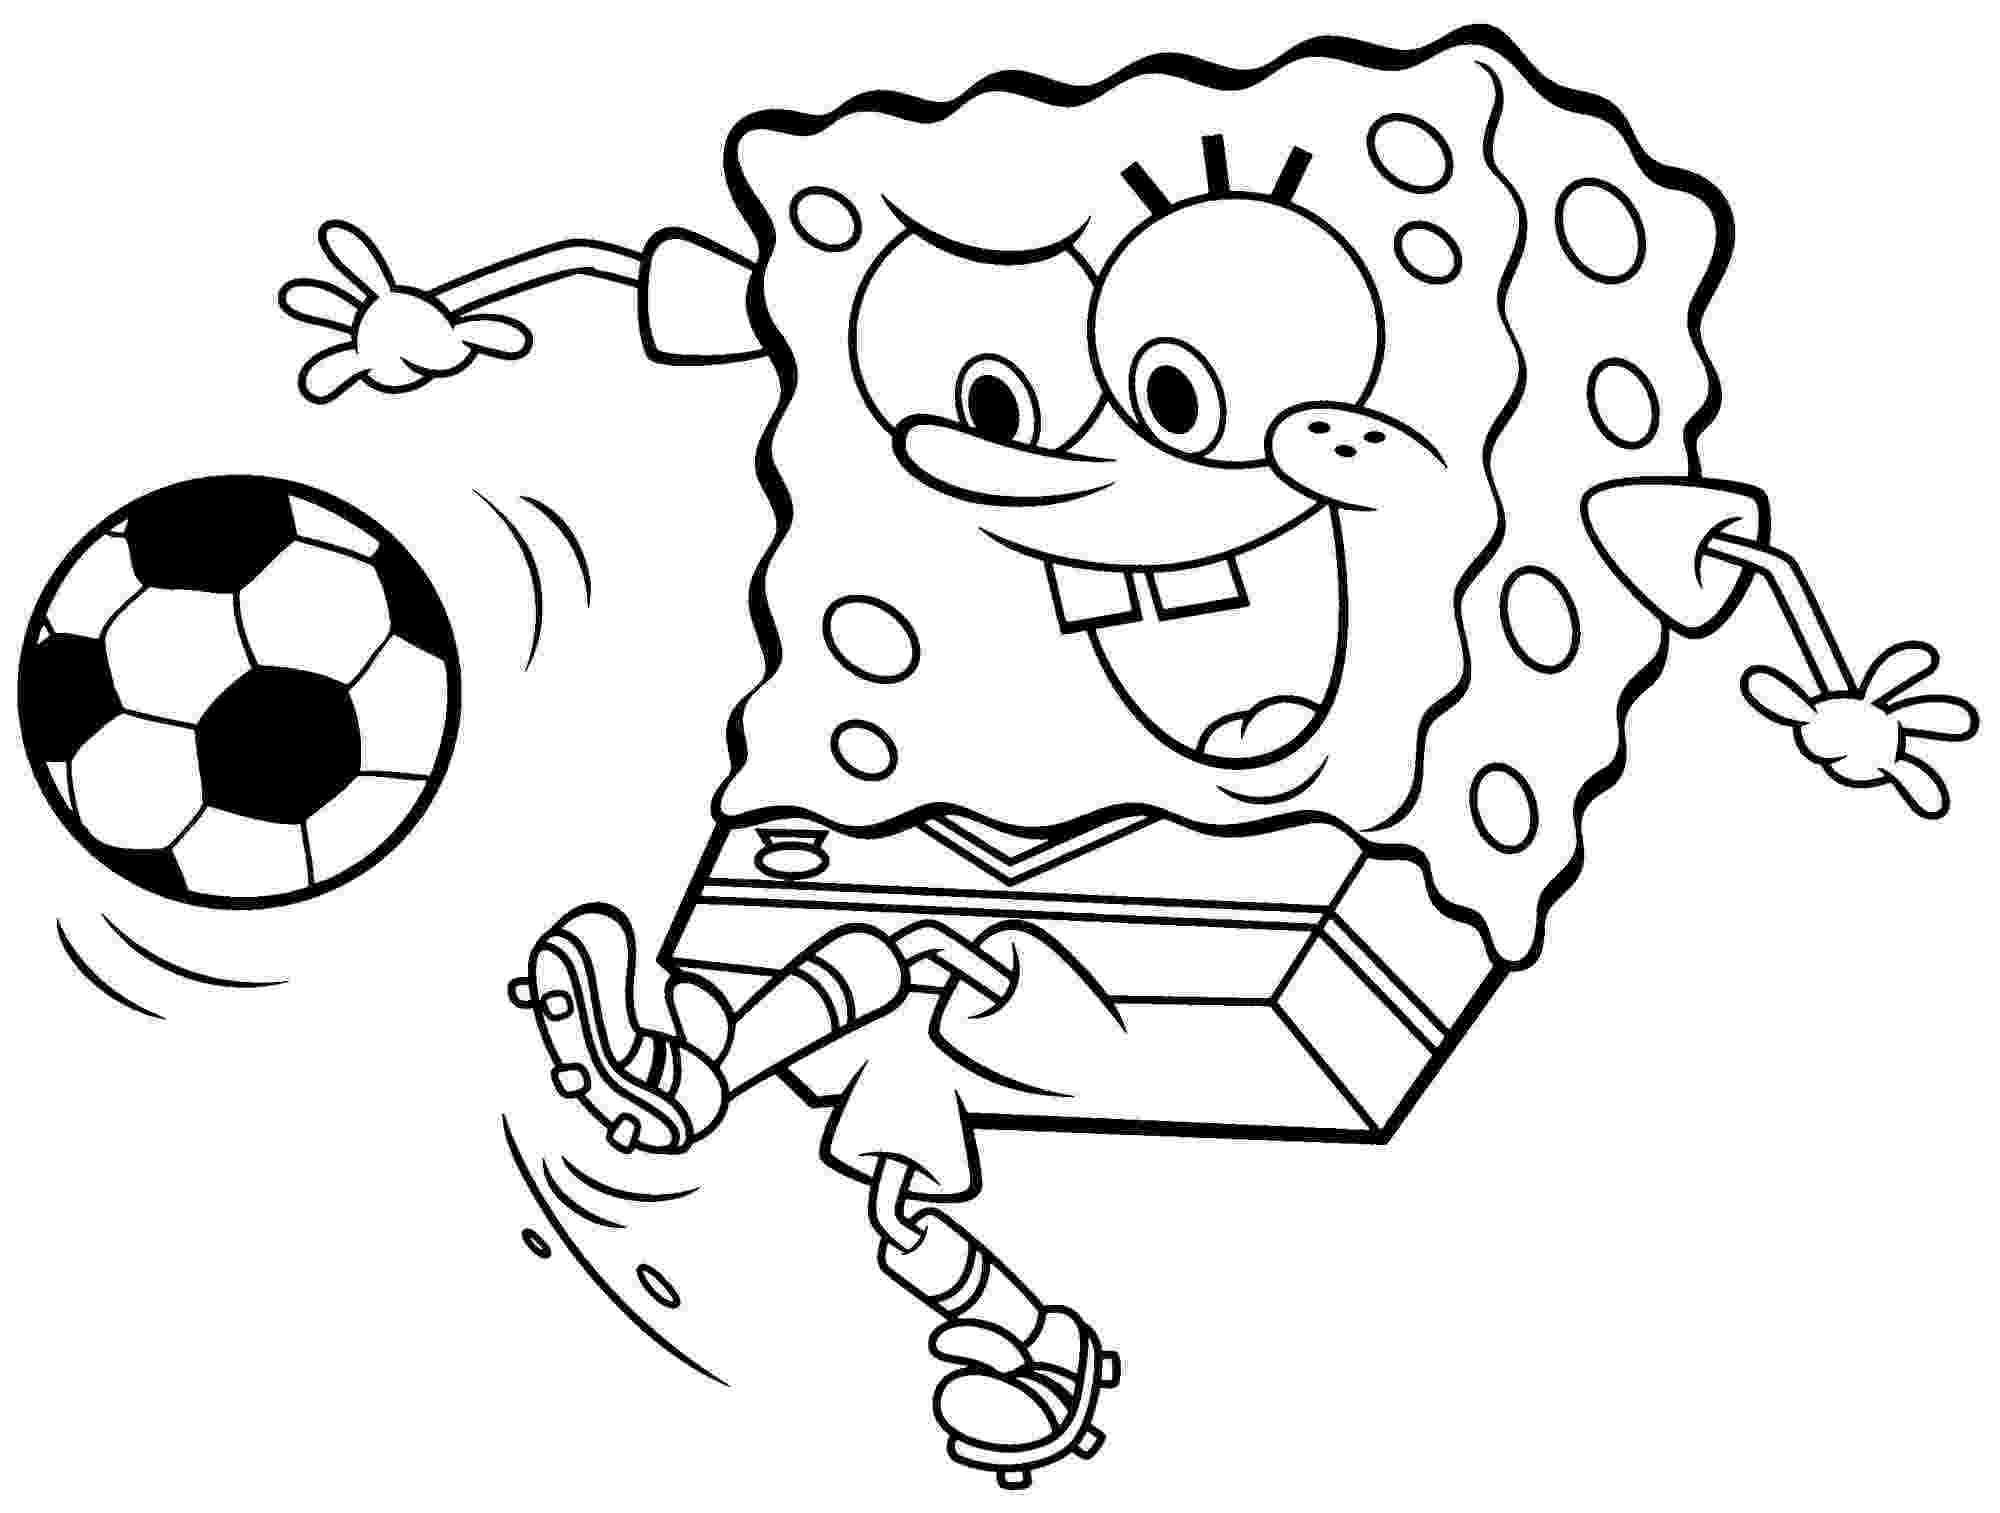 spongebob coloring sheets pdf spongebob coloring page free spongebob squarepants sheets pdf spongebob coloring